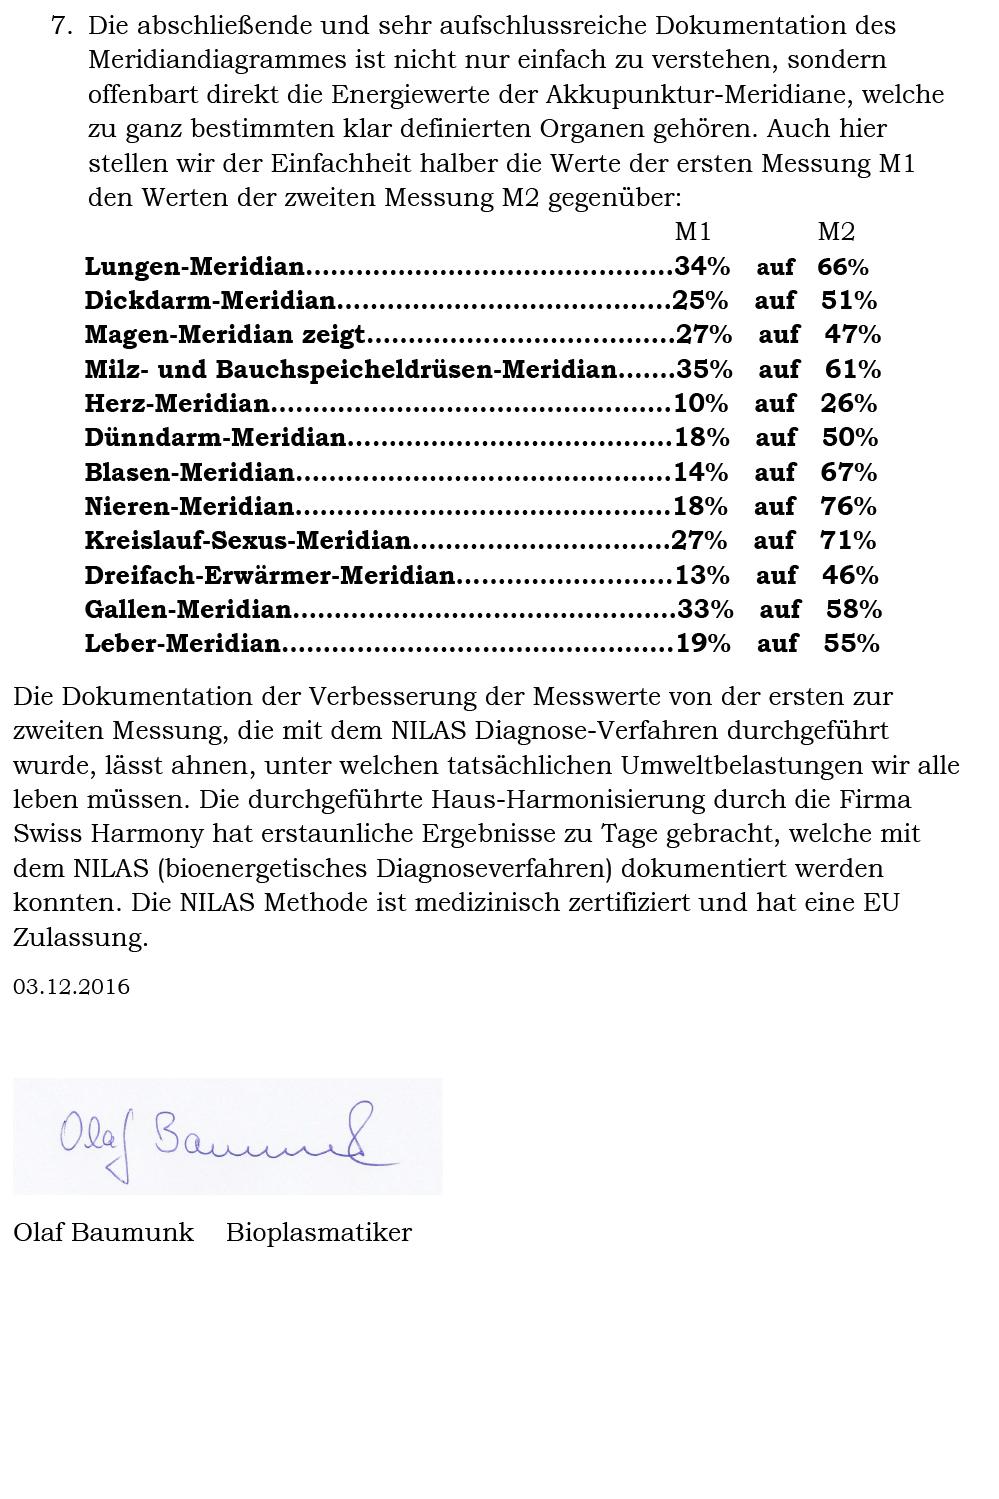 Microsoft Word - Gutachten Michael L.docx